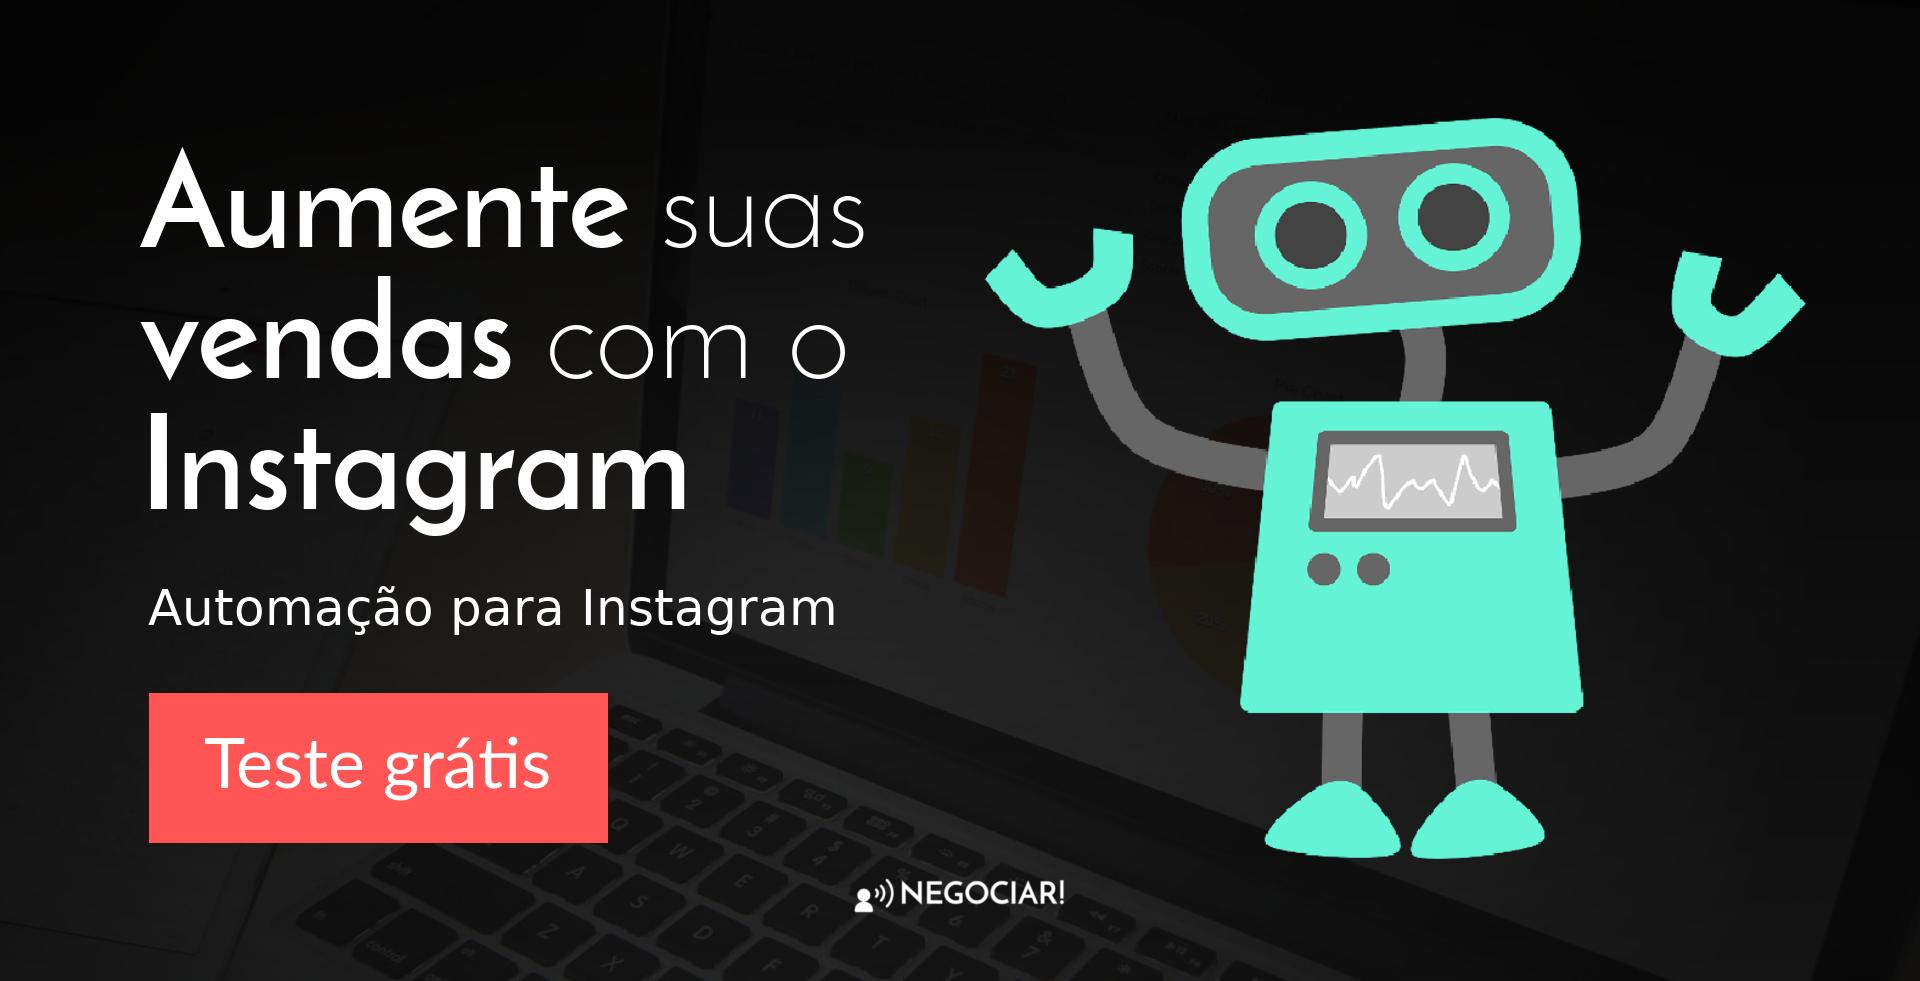 Aumente suas Vendas com o Instagram - Automação para Instagram